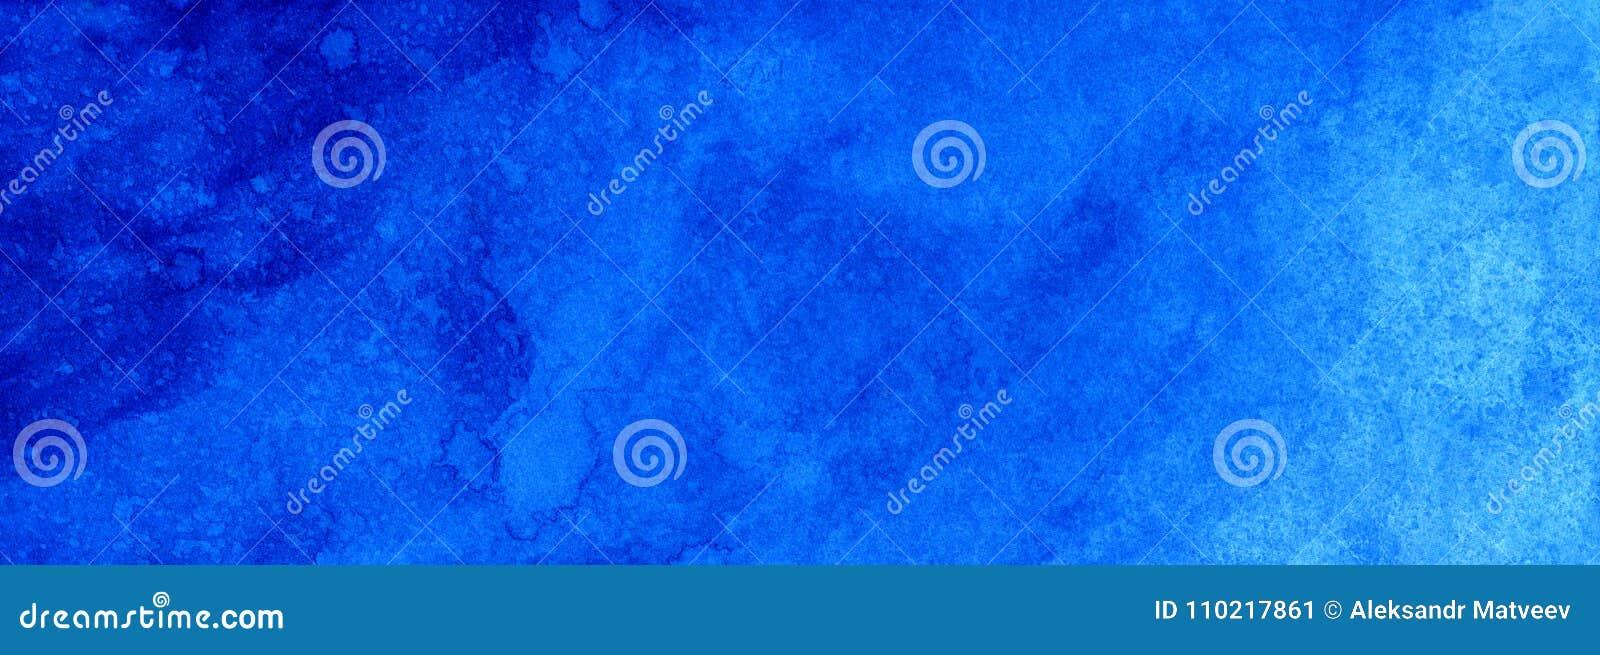 Rengöringsdukbanerflotta eller marinblå bakgrund för vattenfärglutningpåfyllning Akvarellfläckar Abstrakt begrepp målad mall med